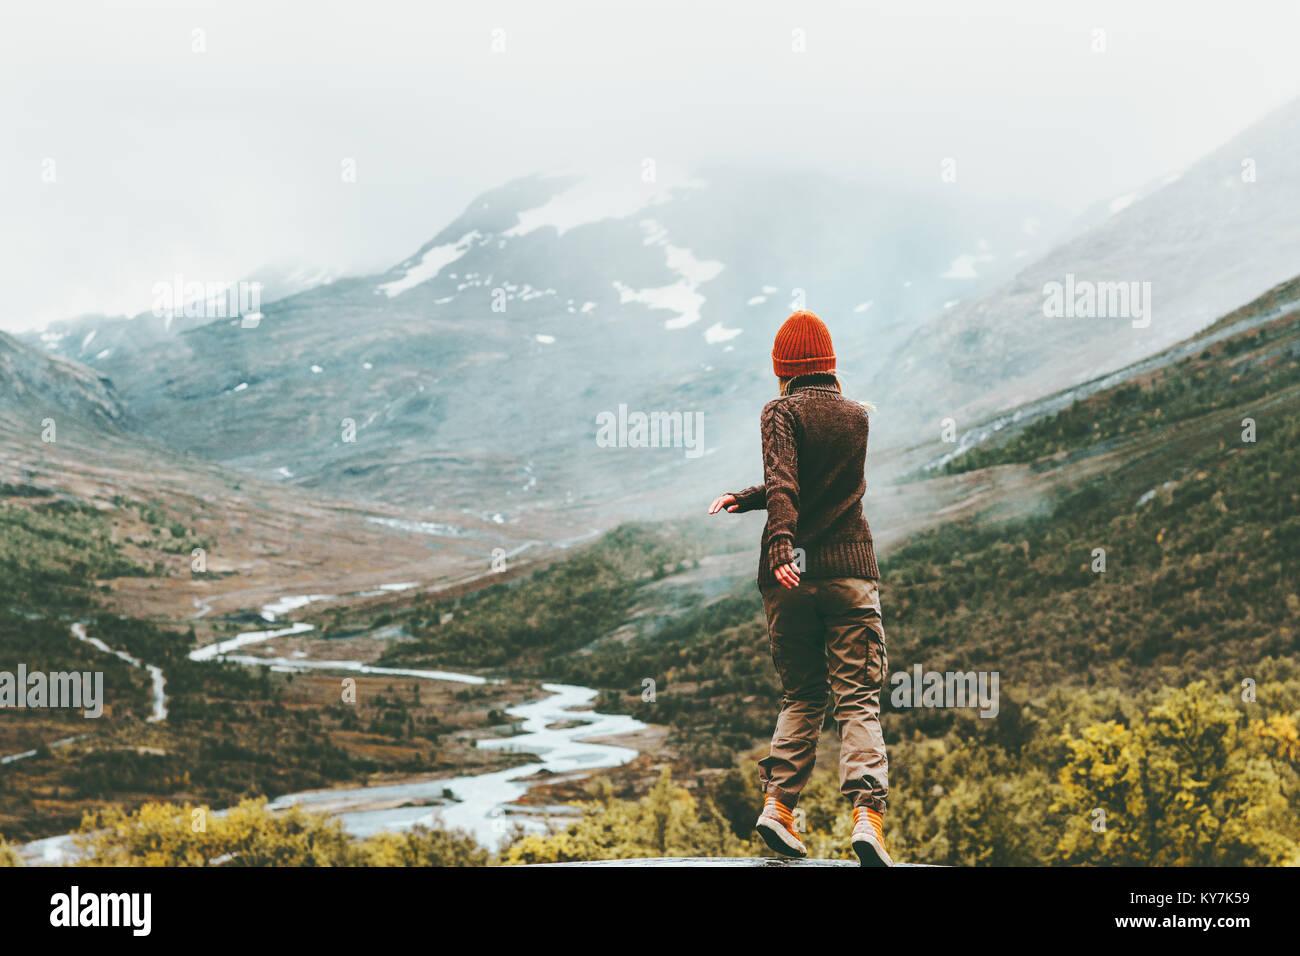 Frau wandern Outdoor nebligen Berge im Hintergrund Reisen Urlaub begriff Abenteuer aktiv Urlaub Stockbild